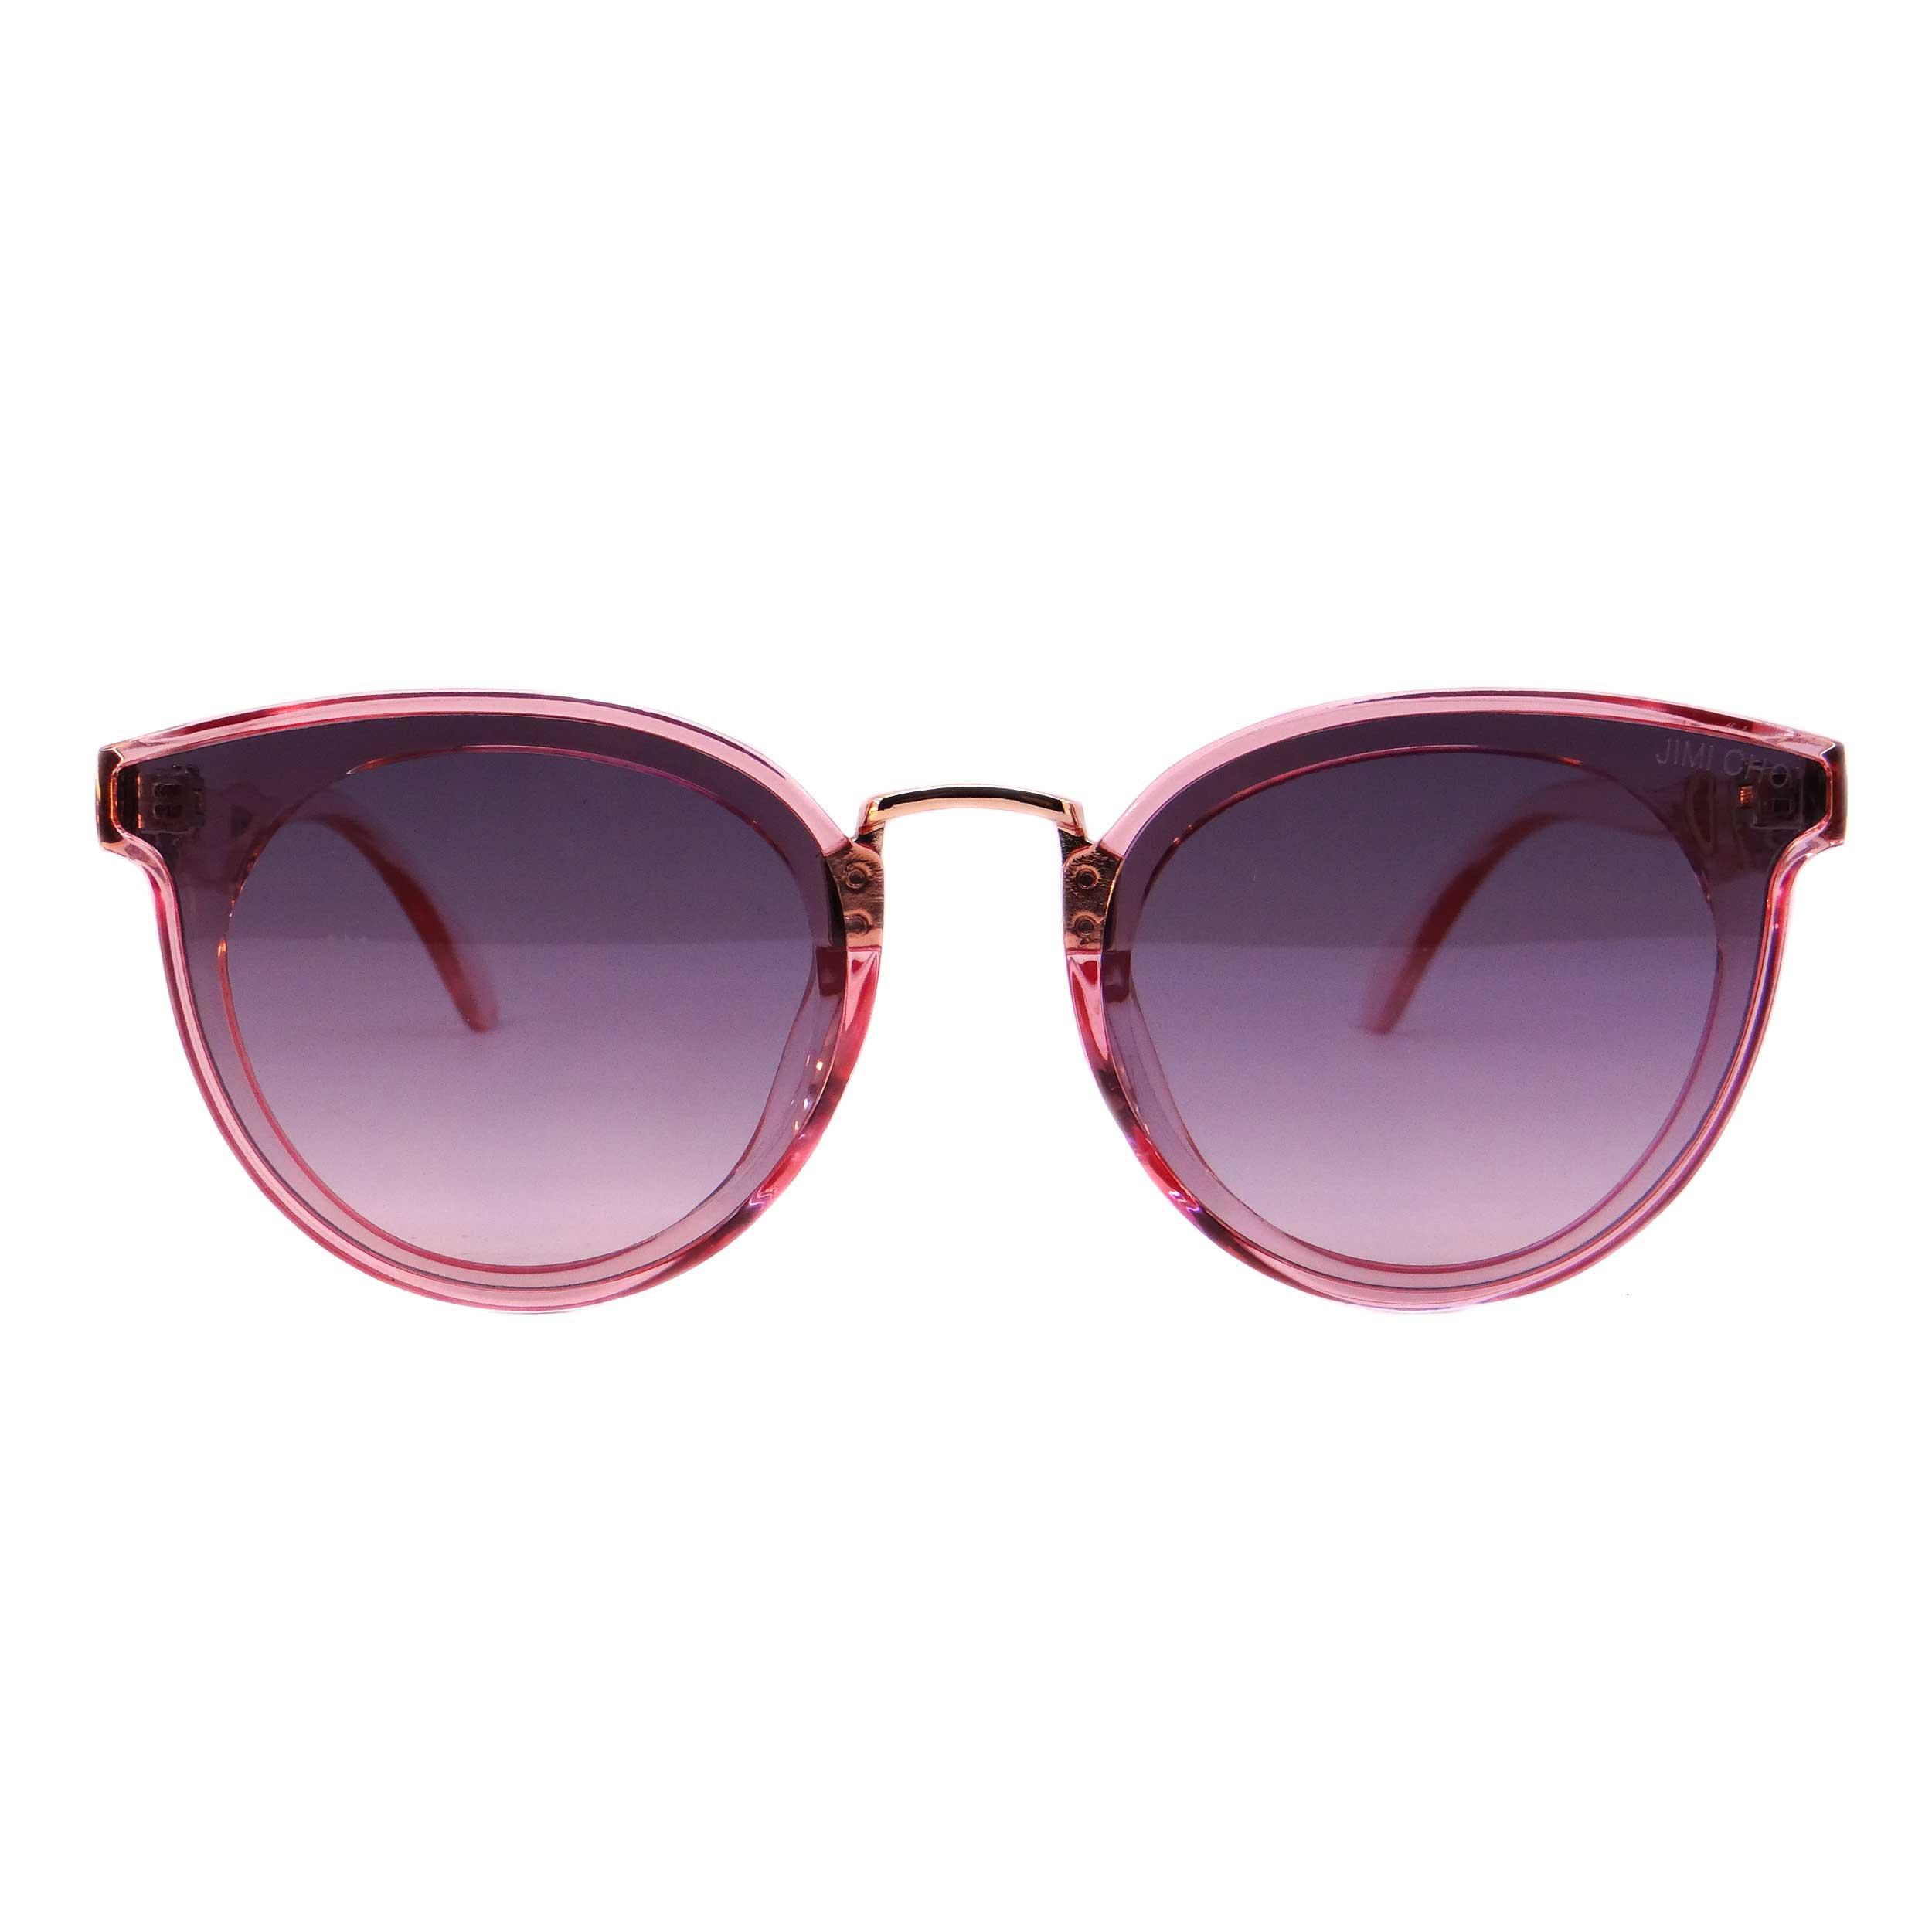 عینک آفتابی زنانه جیمی چو مدل 9933 رنگ صورتی